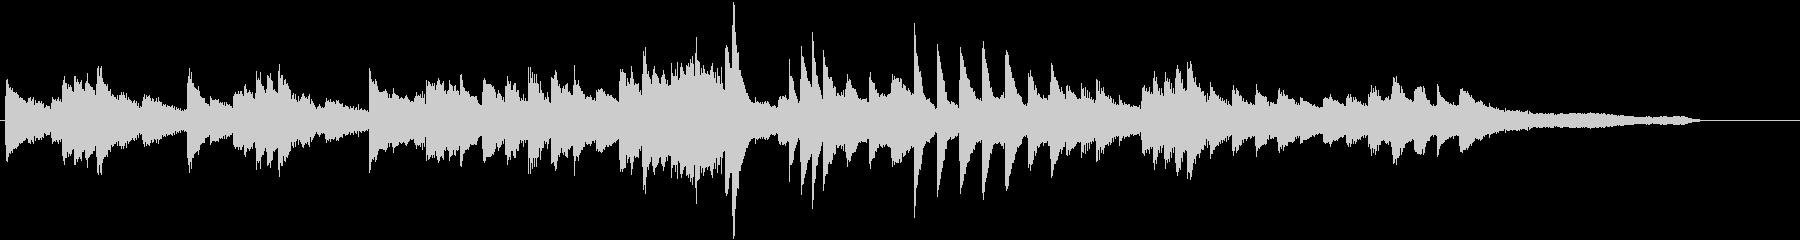 バラードに都音階を入れた和ピアノジングルの未再生の波形